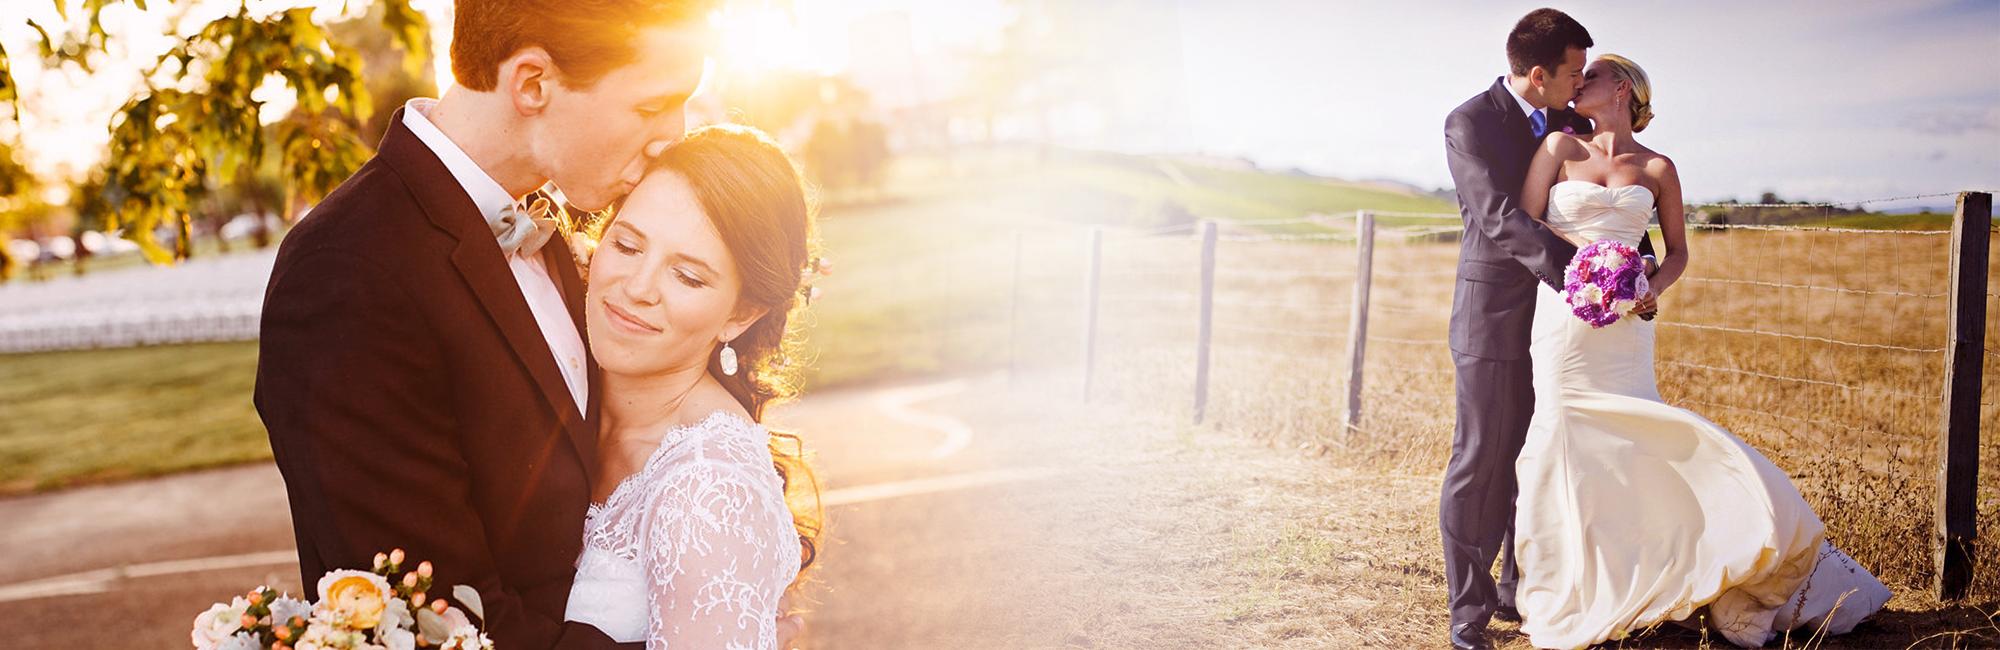 fotografo di matrimonio a serravalle sesia